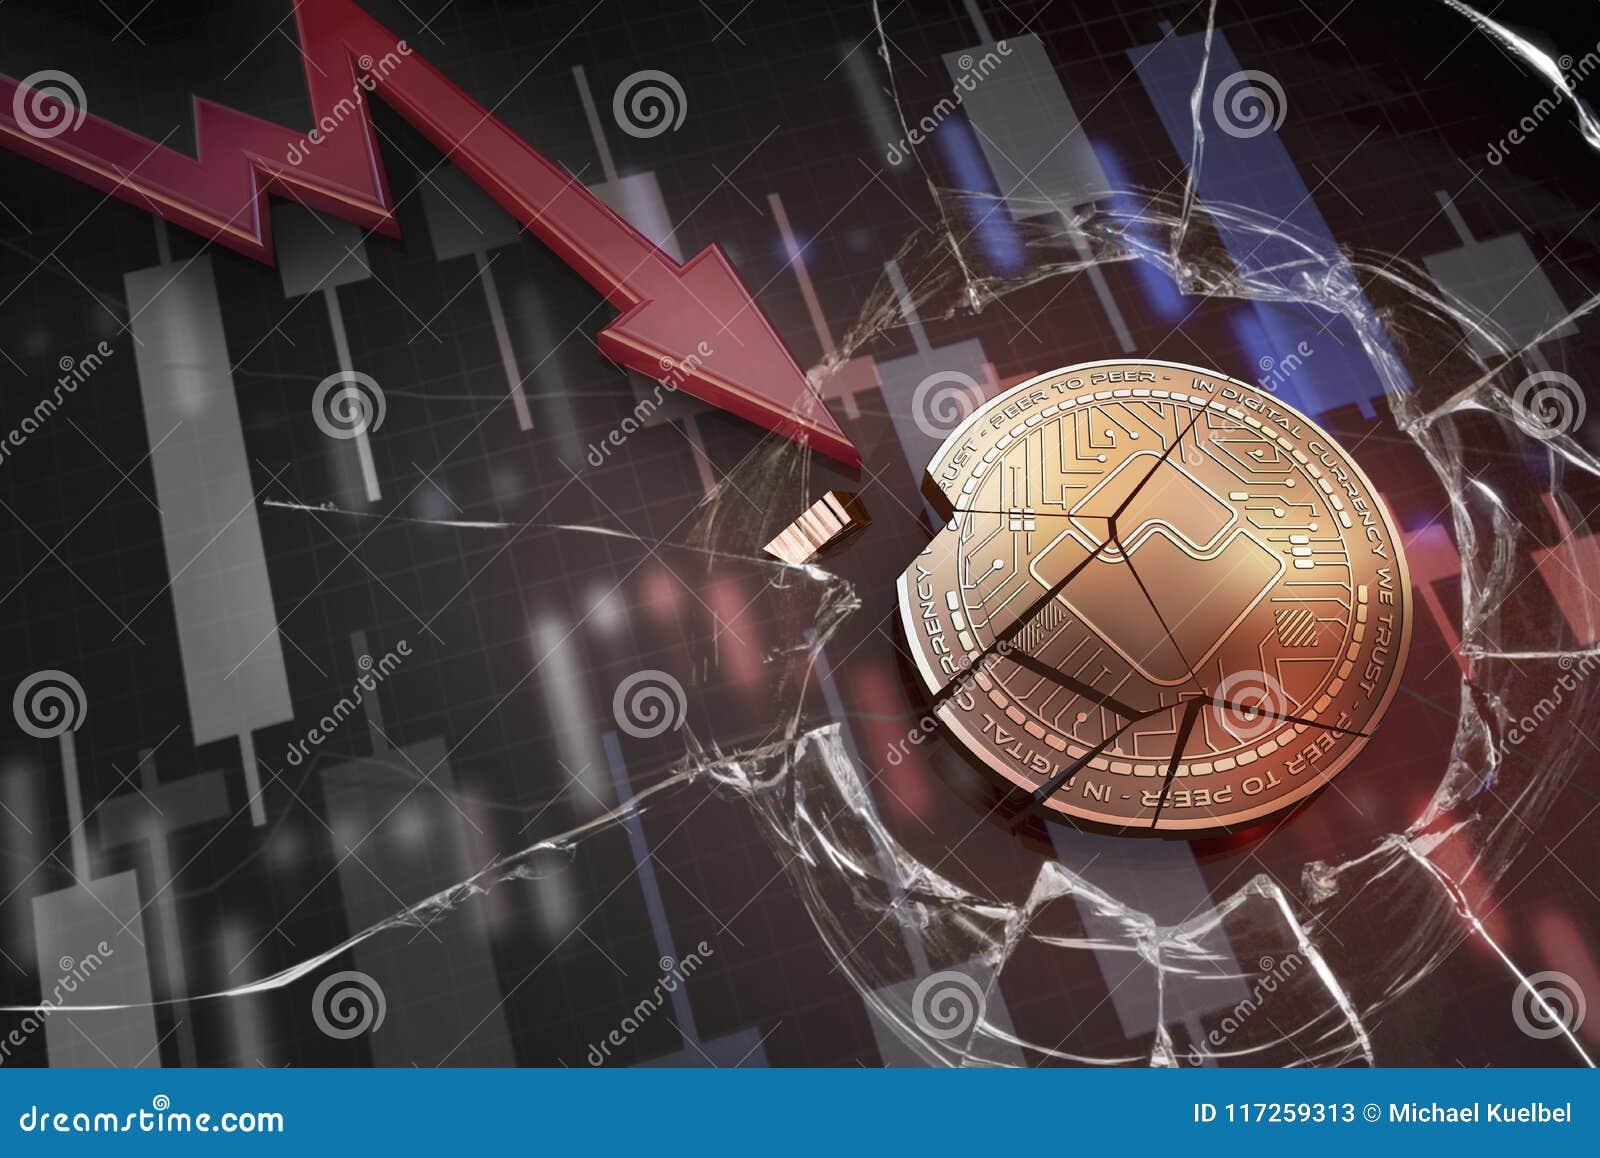 Glänzende goldene WELLEN cryptocurrency Münze gebrochen auf negatives Diagrammabbruch baisse fallender verlorener Wiedergabe Defi